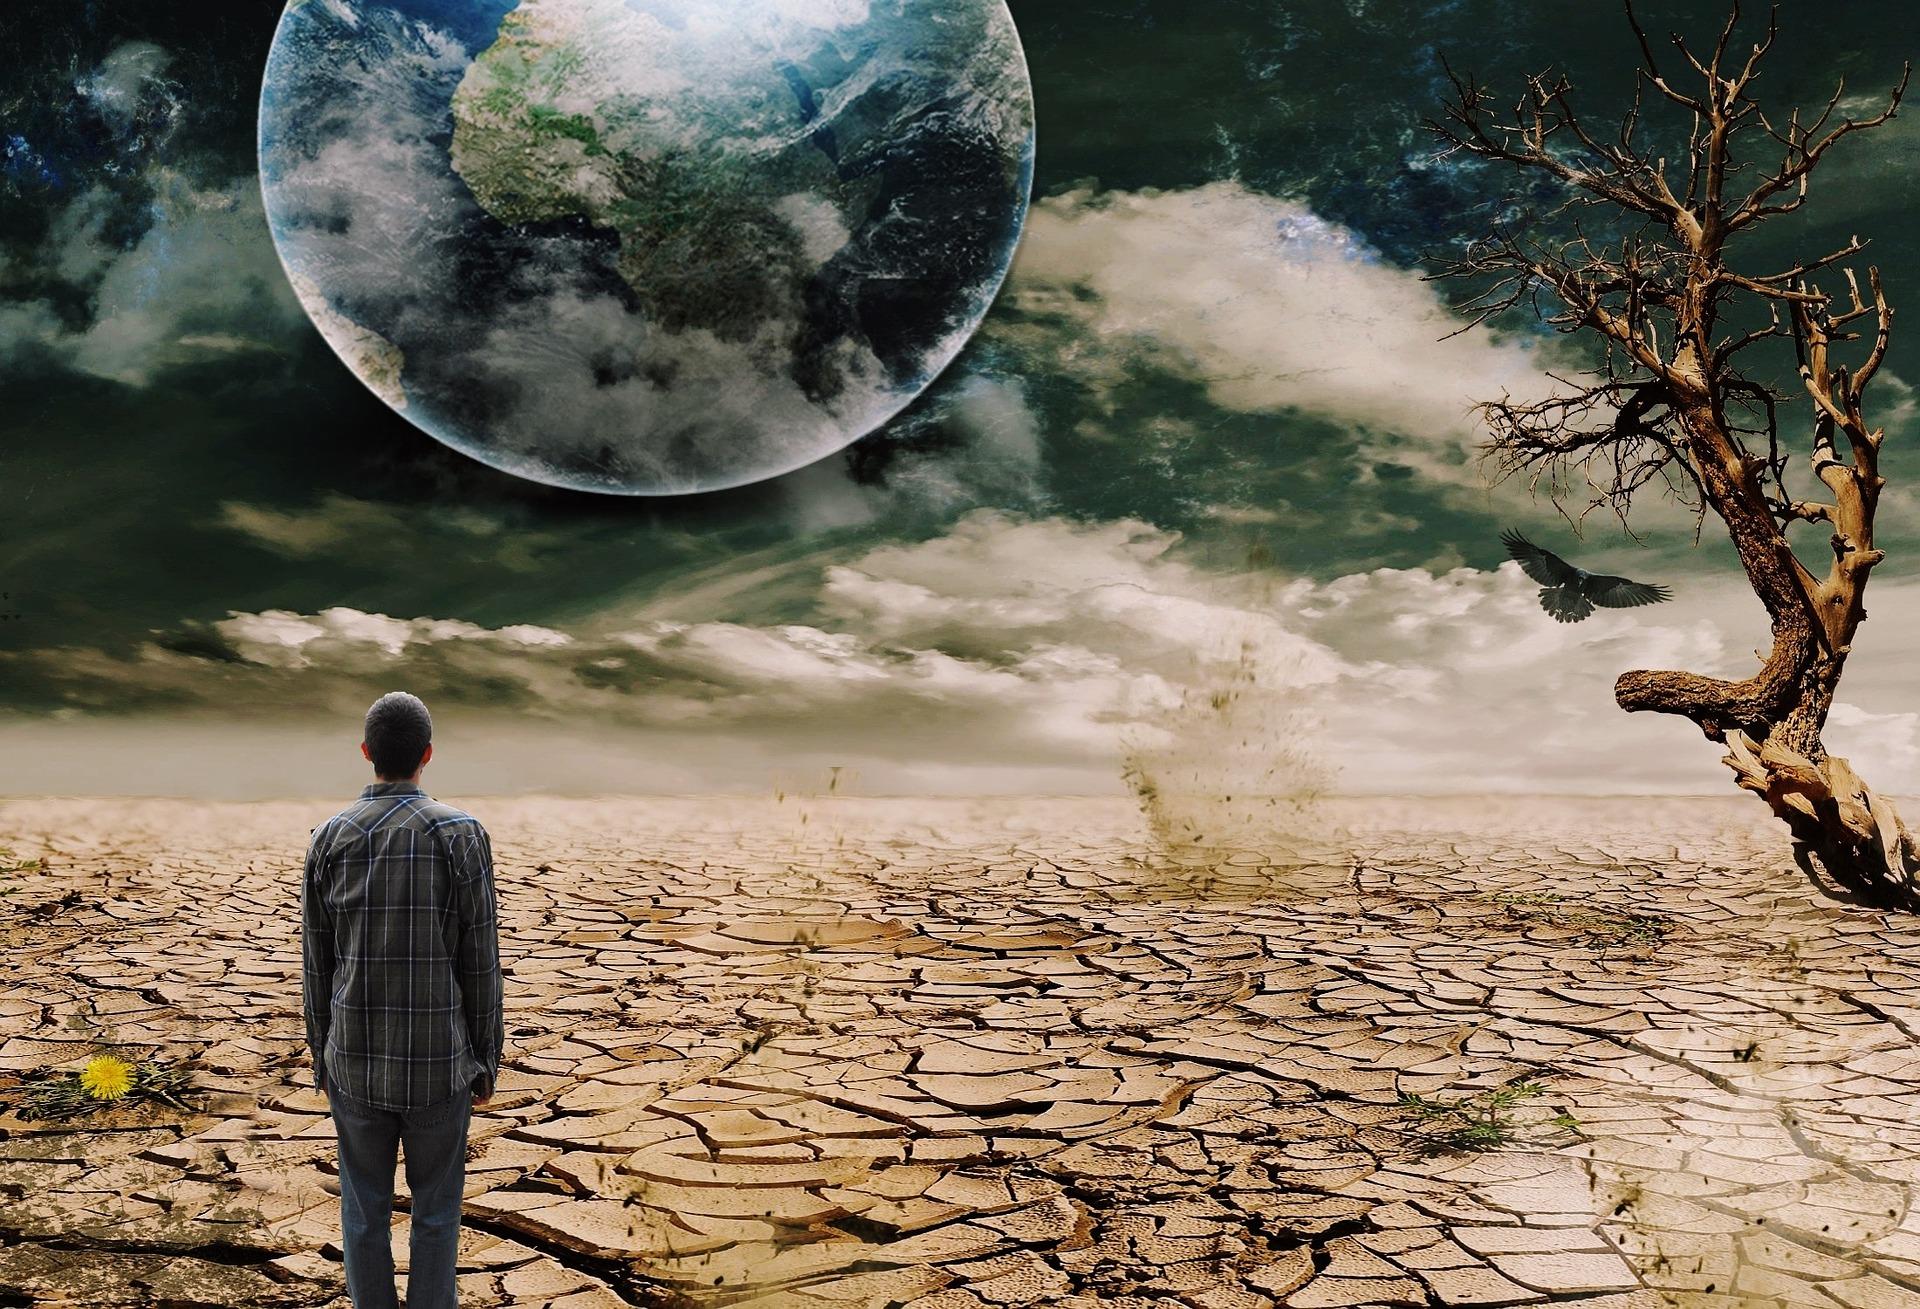 earth-1971580_1920.jpg